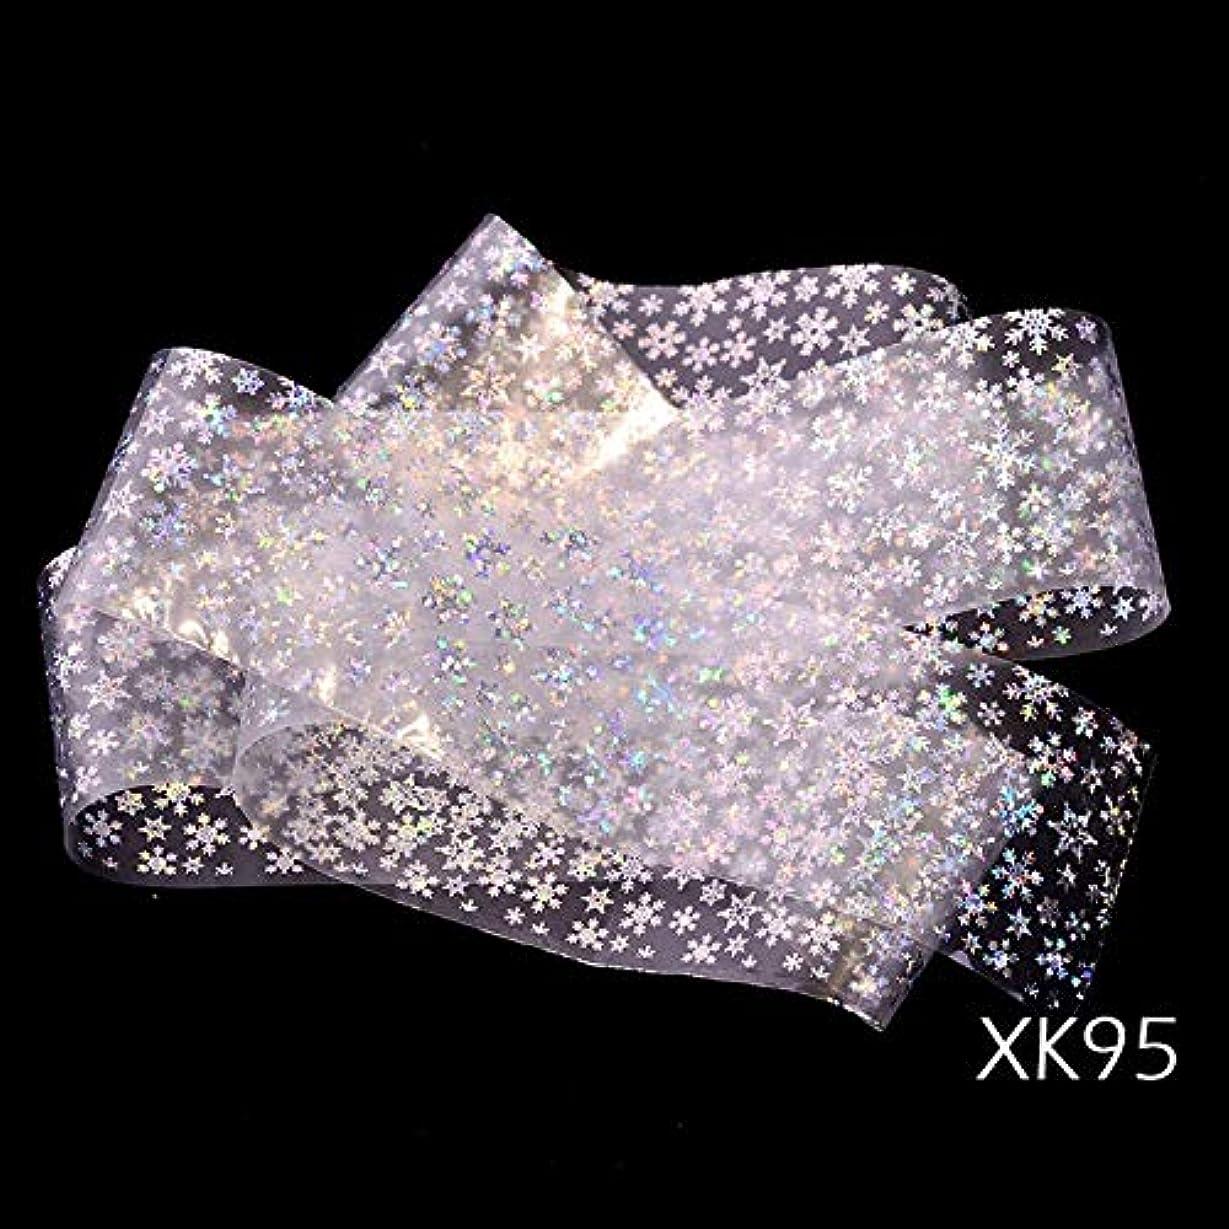 類推農学番号1ピースレーザーネイル箔転写ステッカークリスマスホログラフィックシルバーカラー光沢のあるスノーフレークデザイン透明/ブラックチップSAXK94-97 XK95